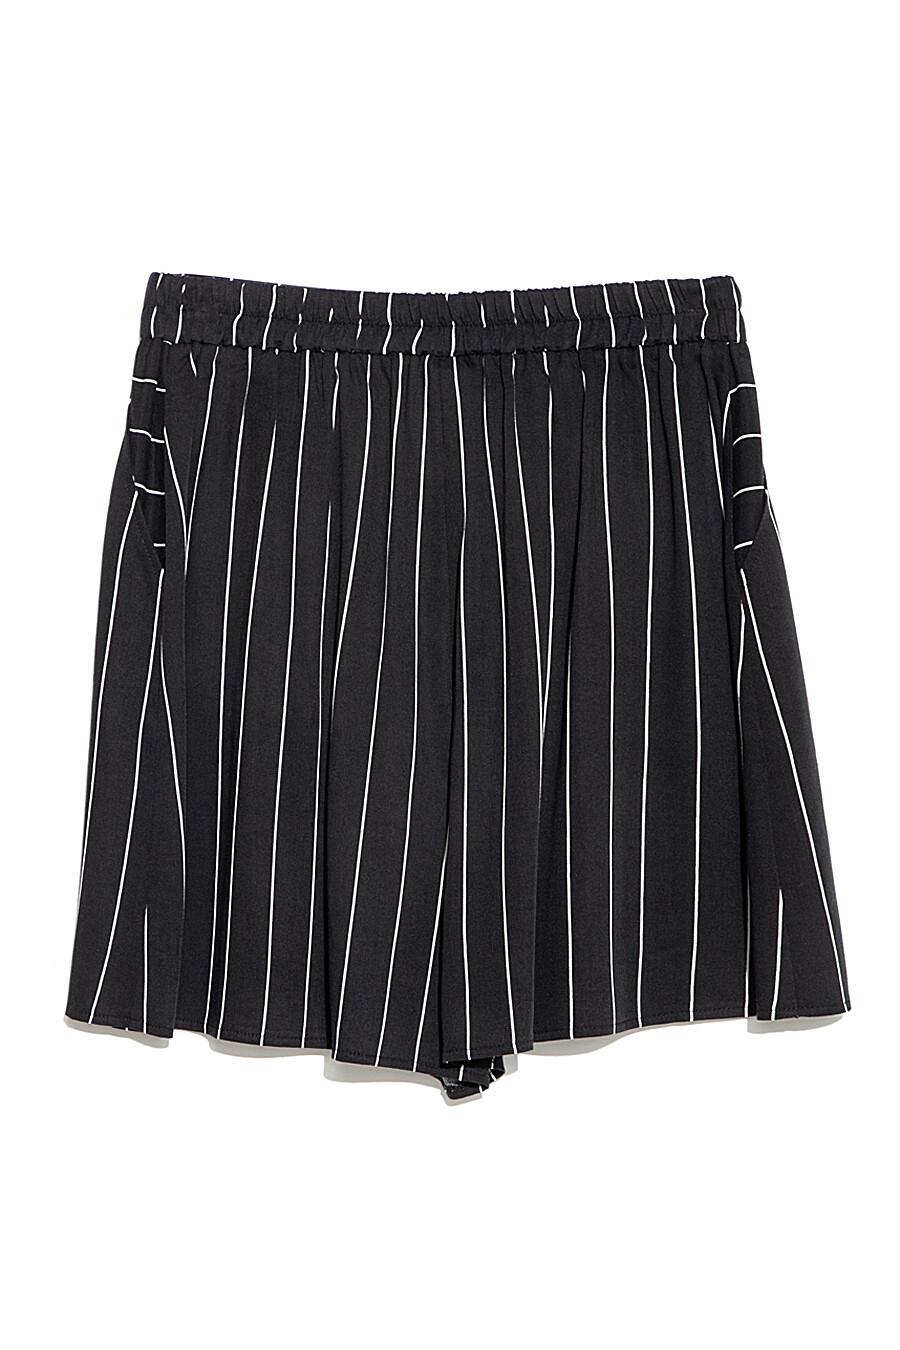 Юбка - шорты для женщин CONTE ELEGANT 148655 купить оптом от производителя. Совместная покупка женской одежды в OptMoyo